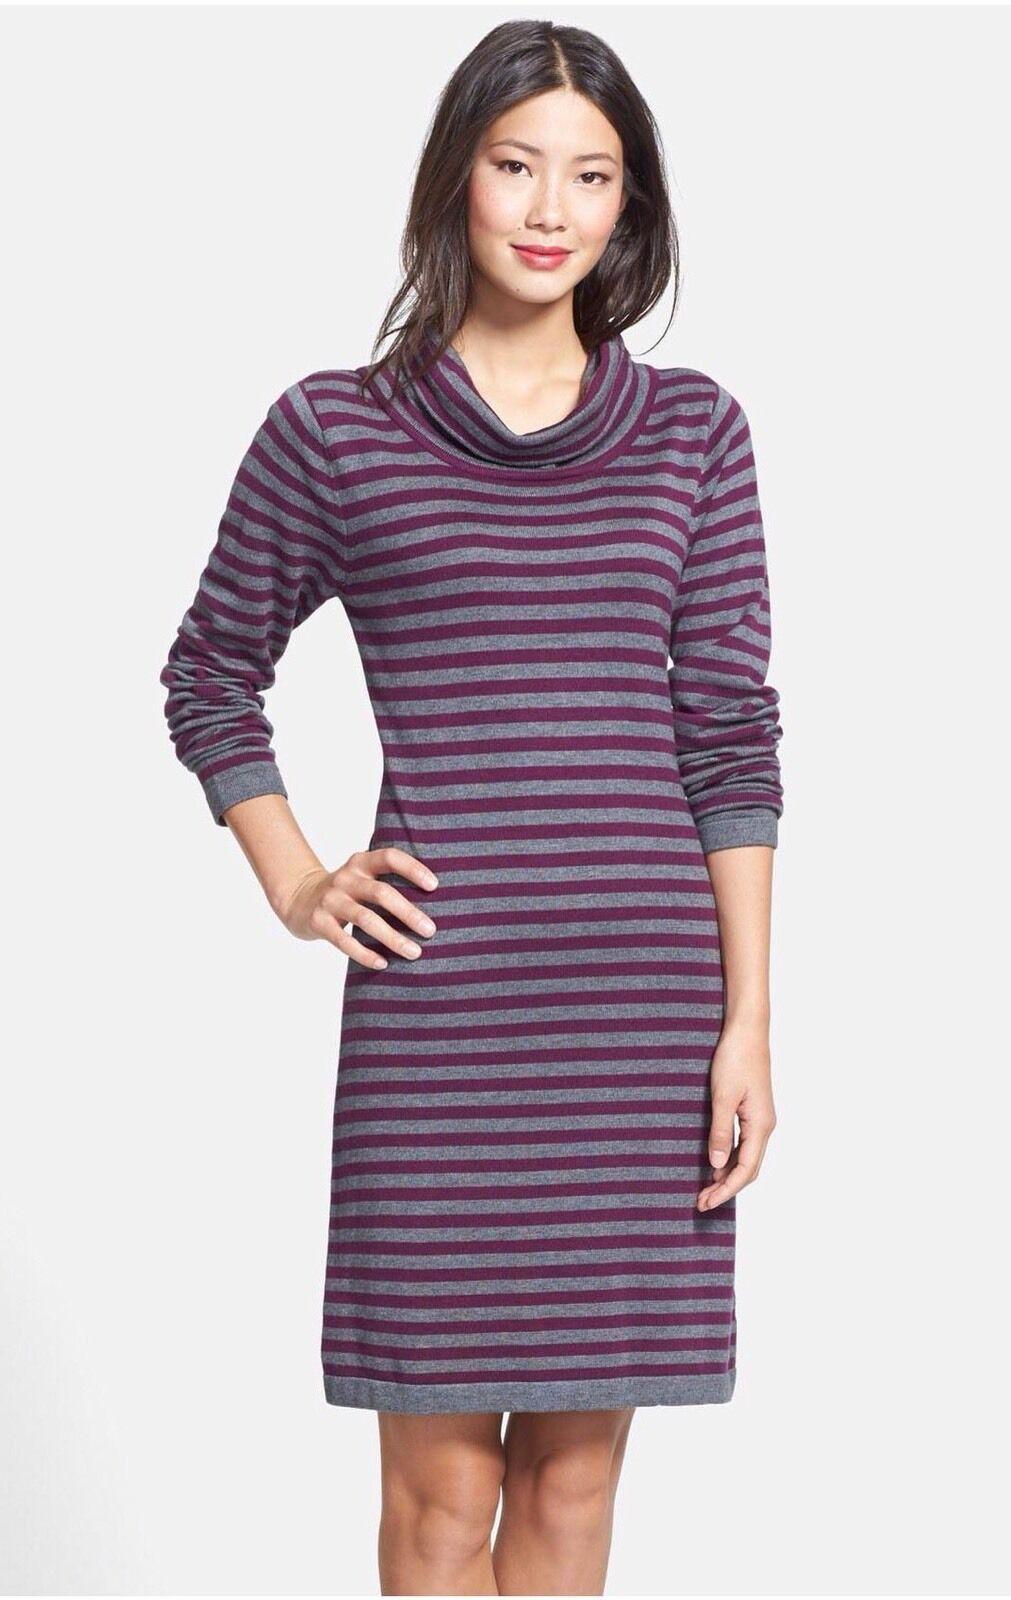 NWT Tart Dress Tunic Größe Medium Med M NEW